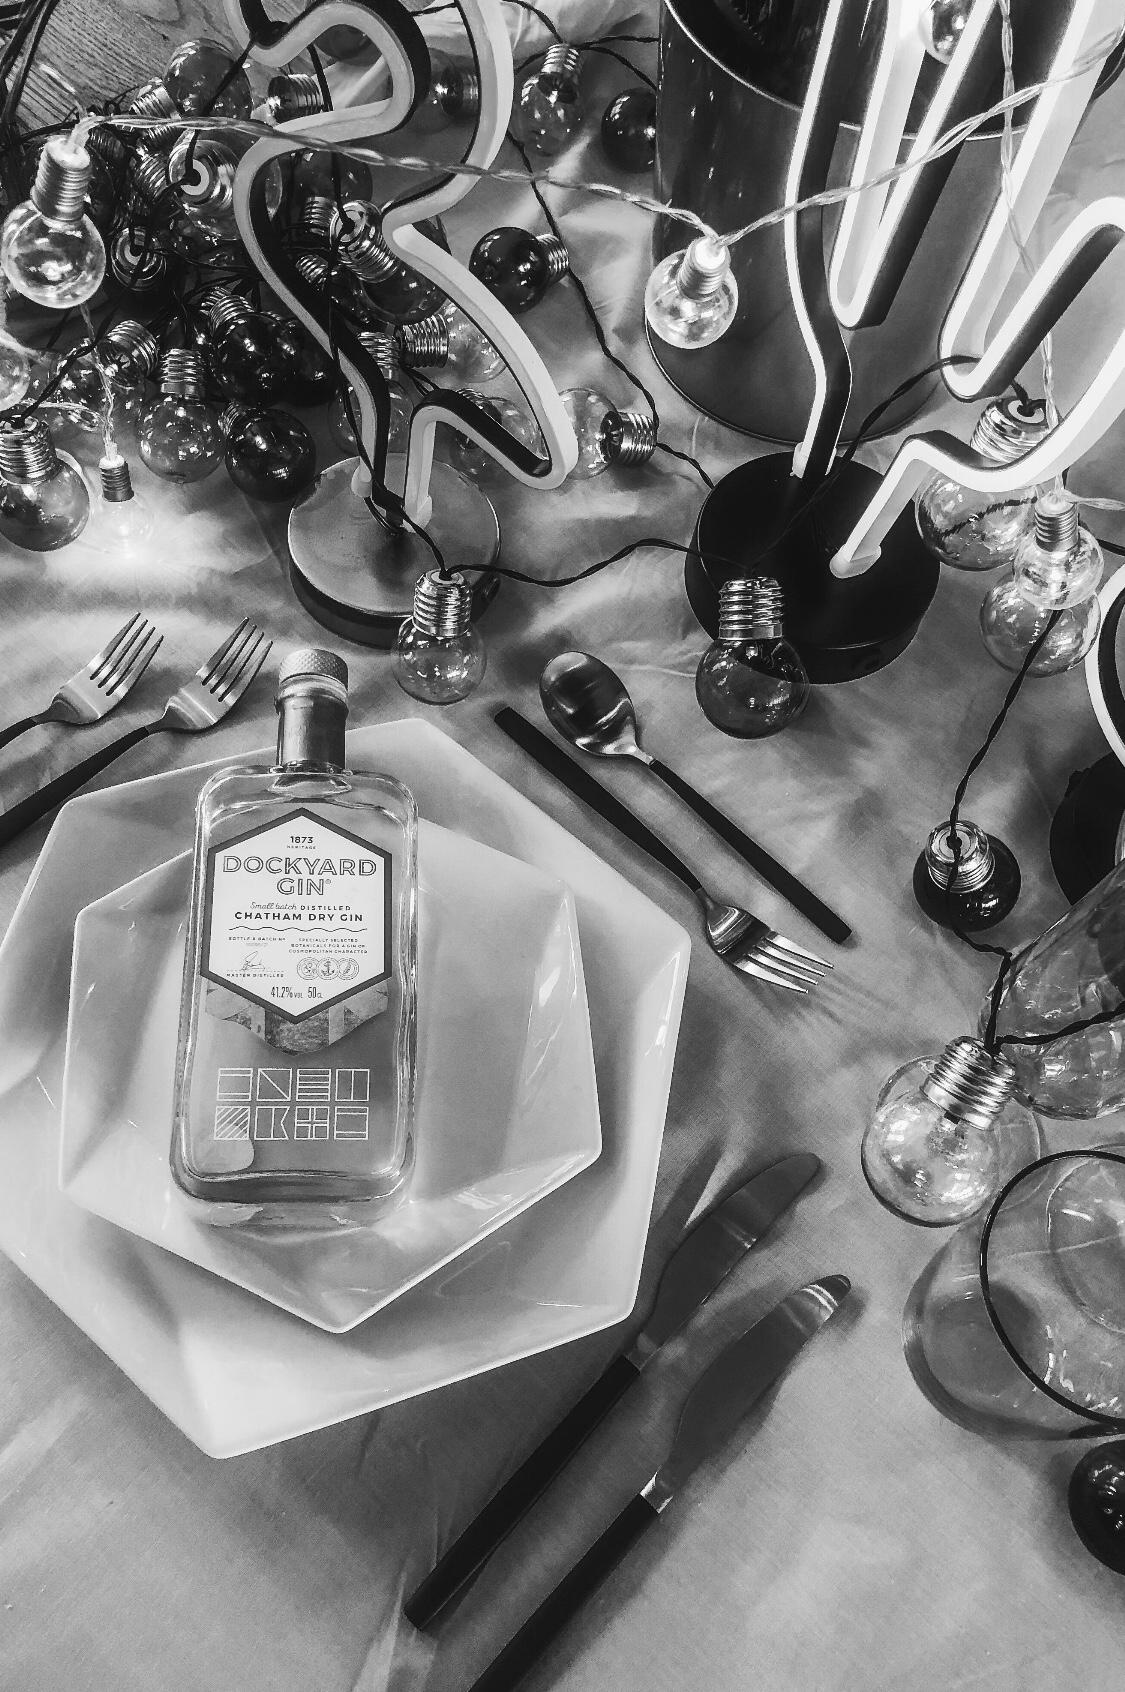 chatham dockyard gin